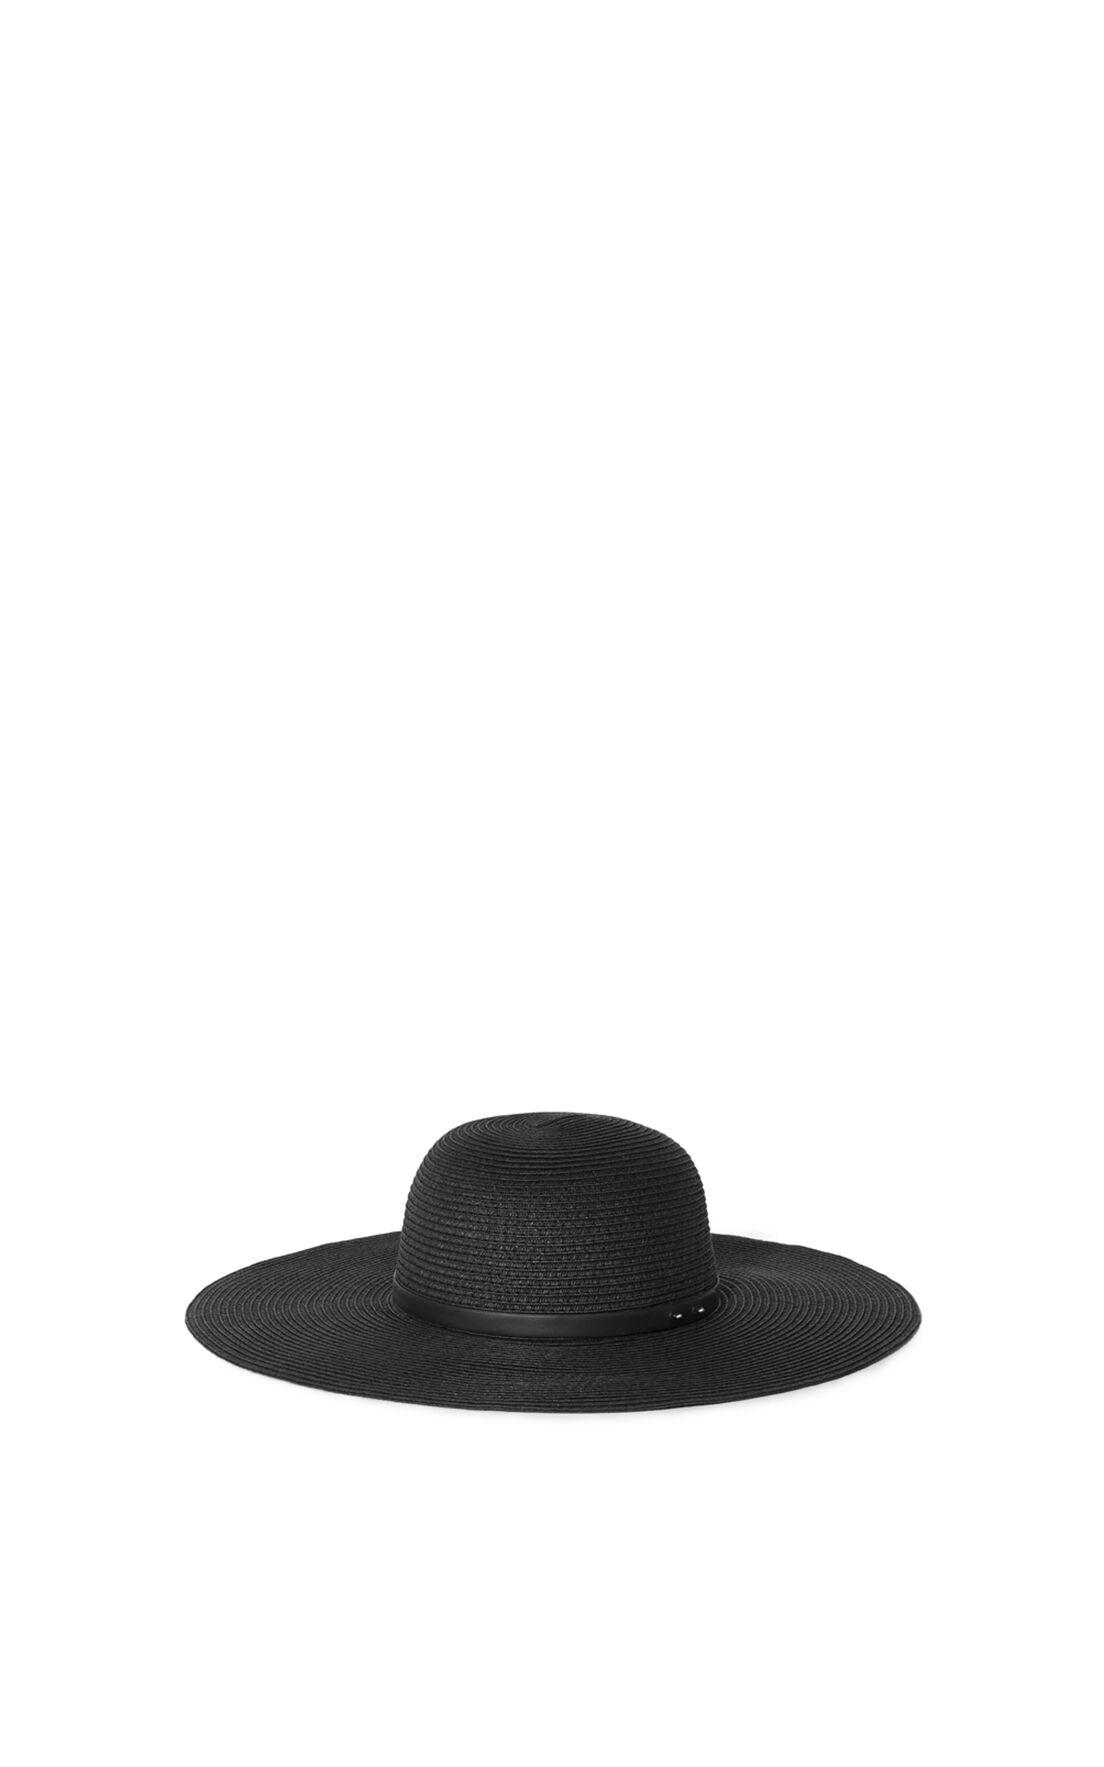 Karen Millen, FLOPPY WIDE-BRIM HAT Black 0